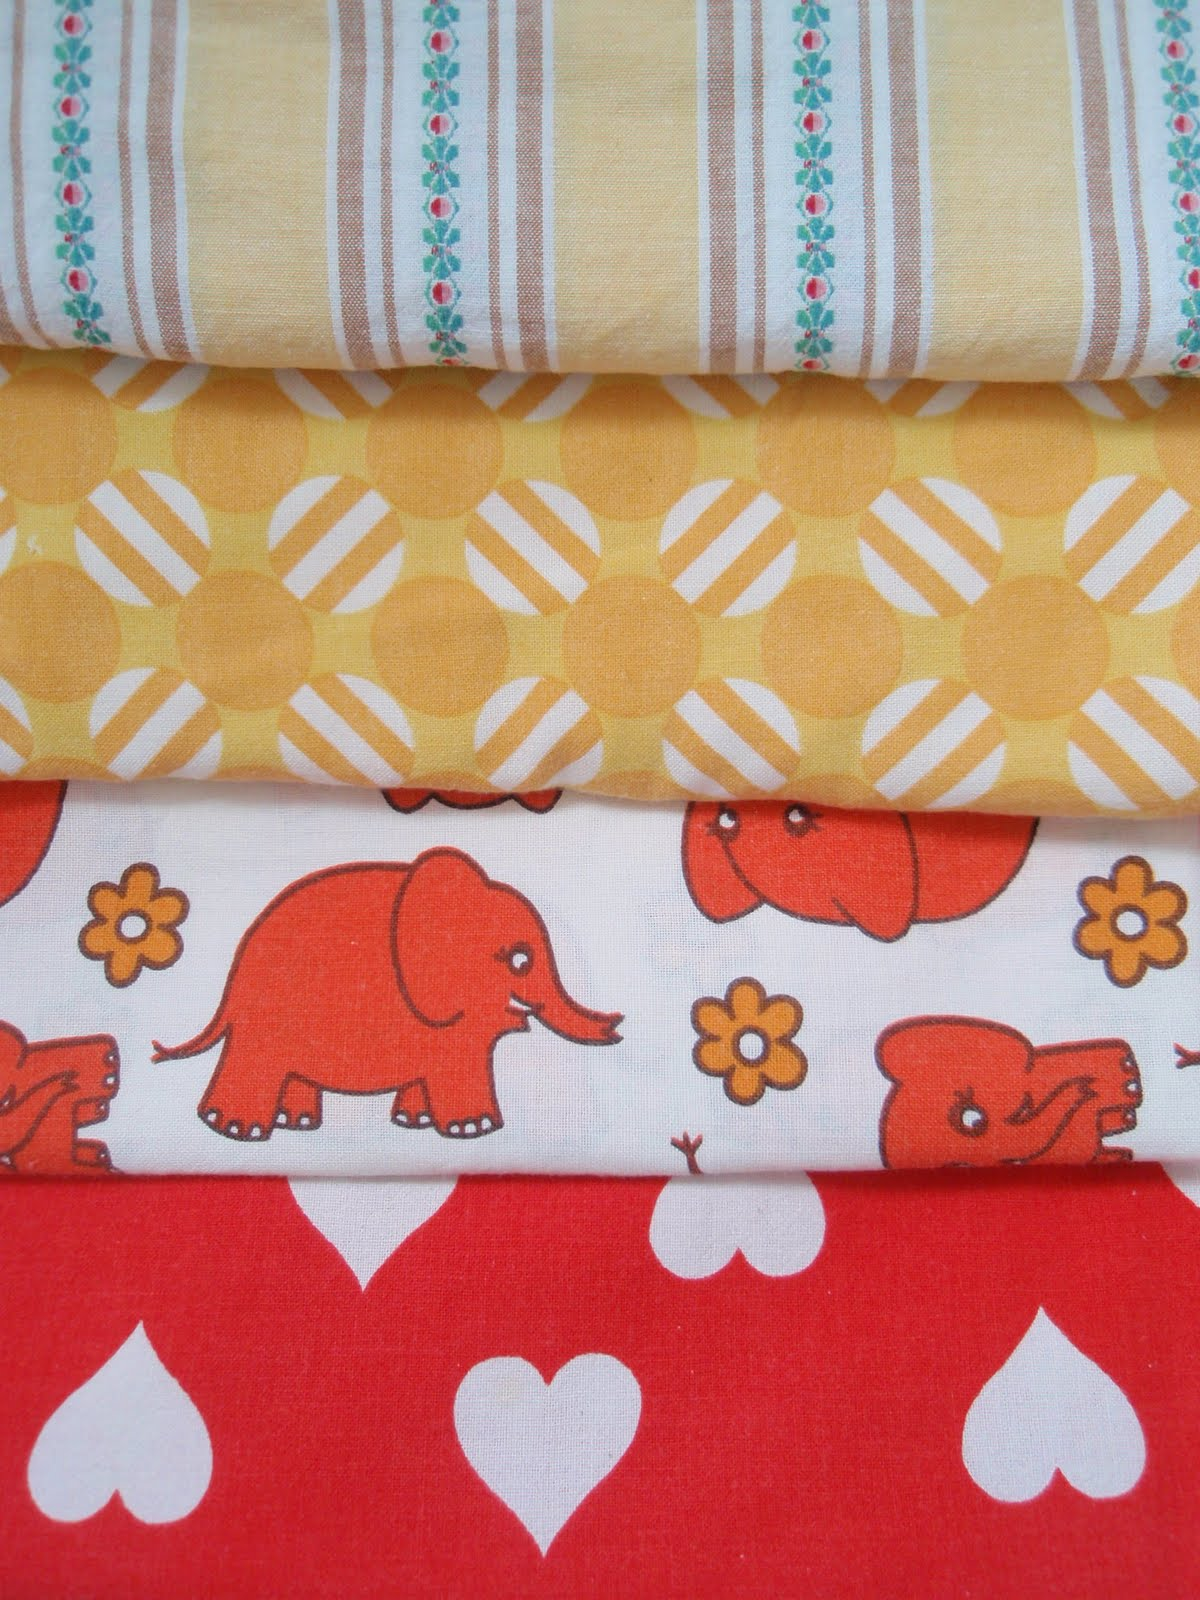 sengetøj retro Loppe shoppe: Retro baby  og junior sengetøj sengetøj retro